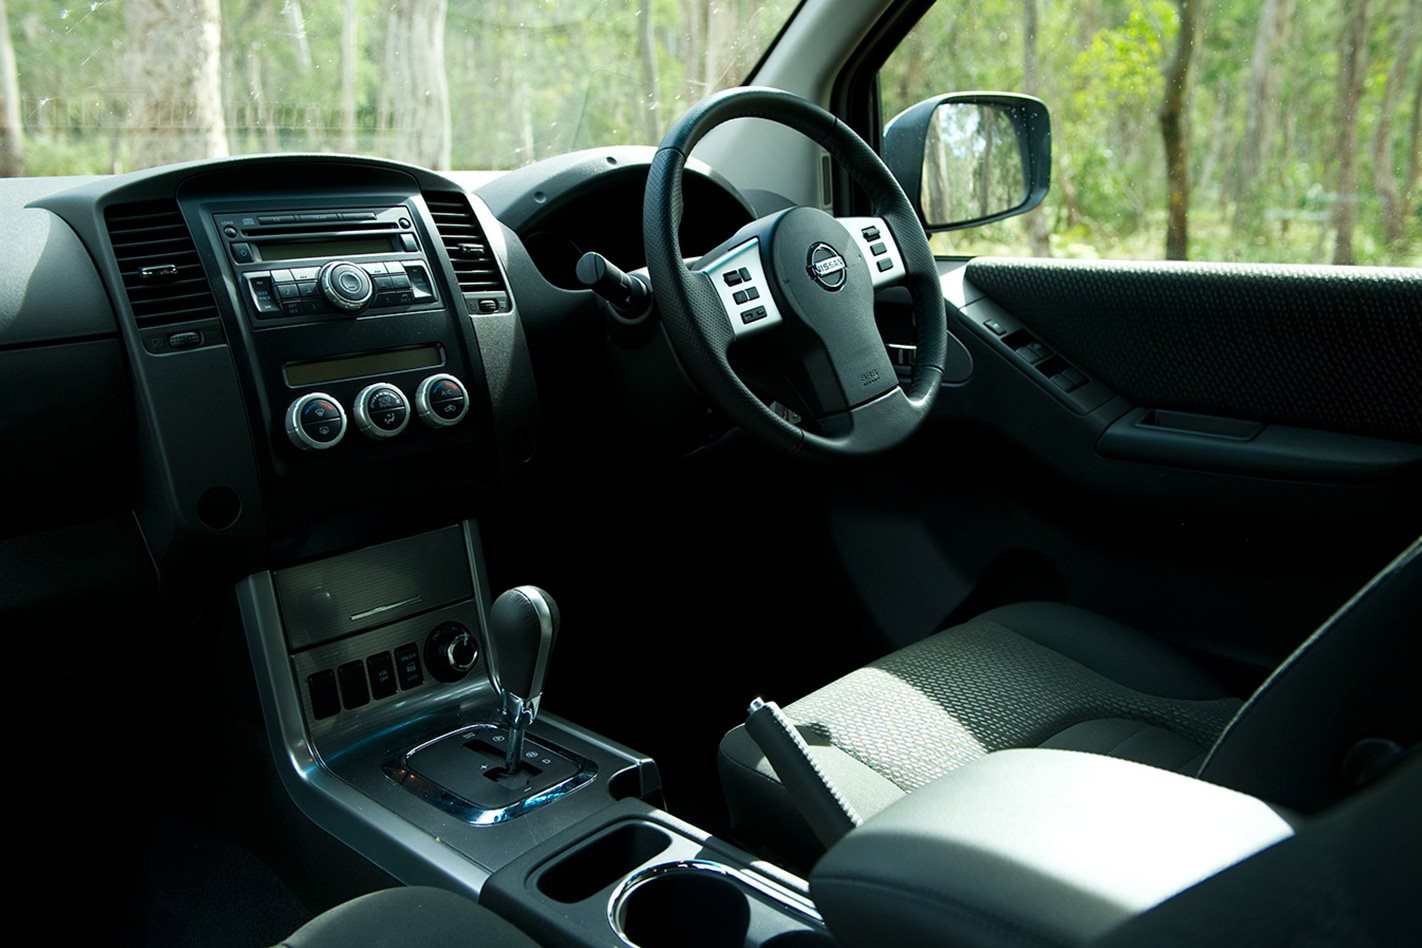 2011-Nissan-Navara-cabin.jpg